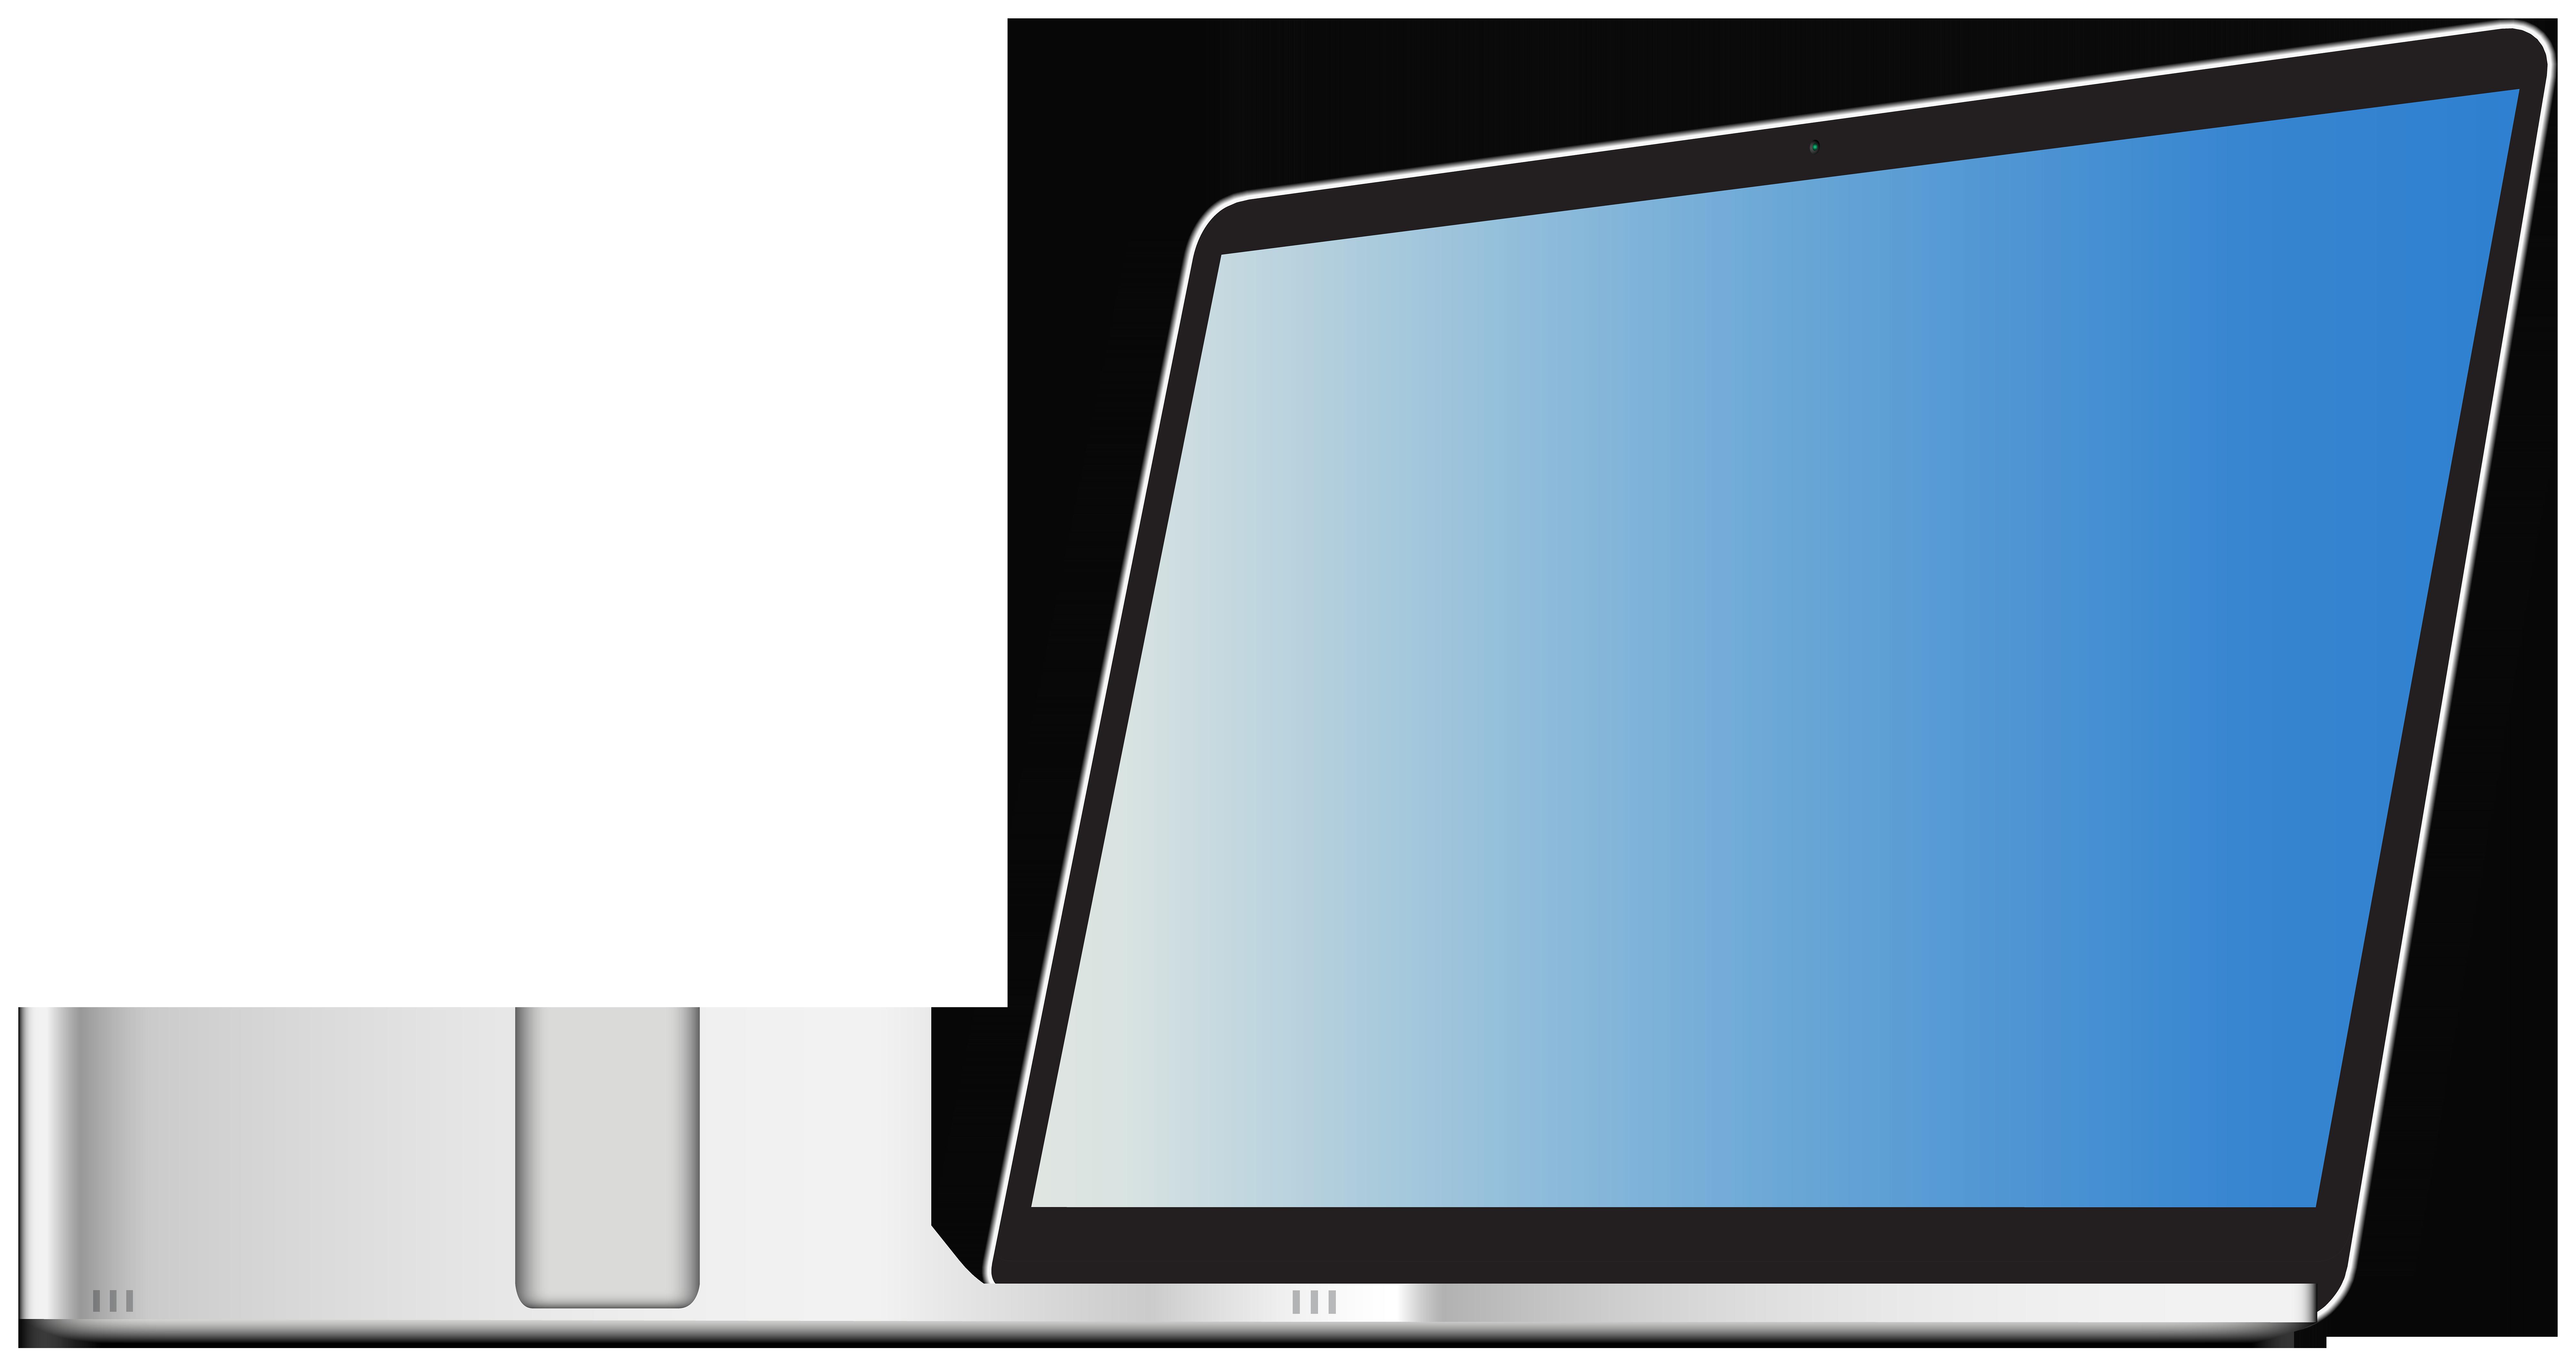 Laptop Transparent Clip Art PNG Image.